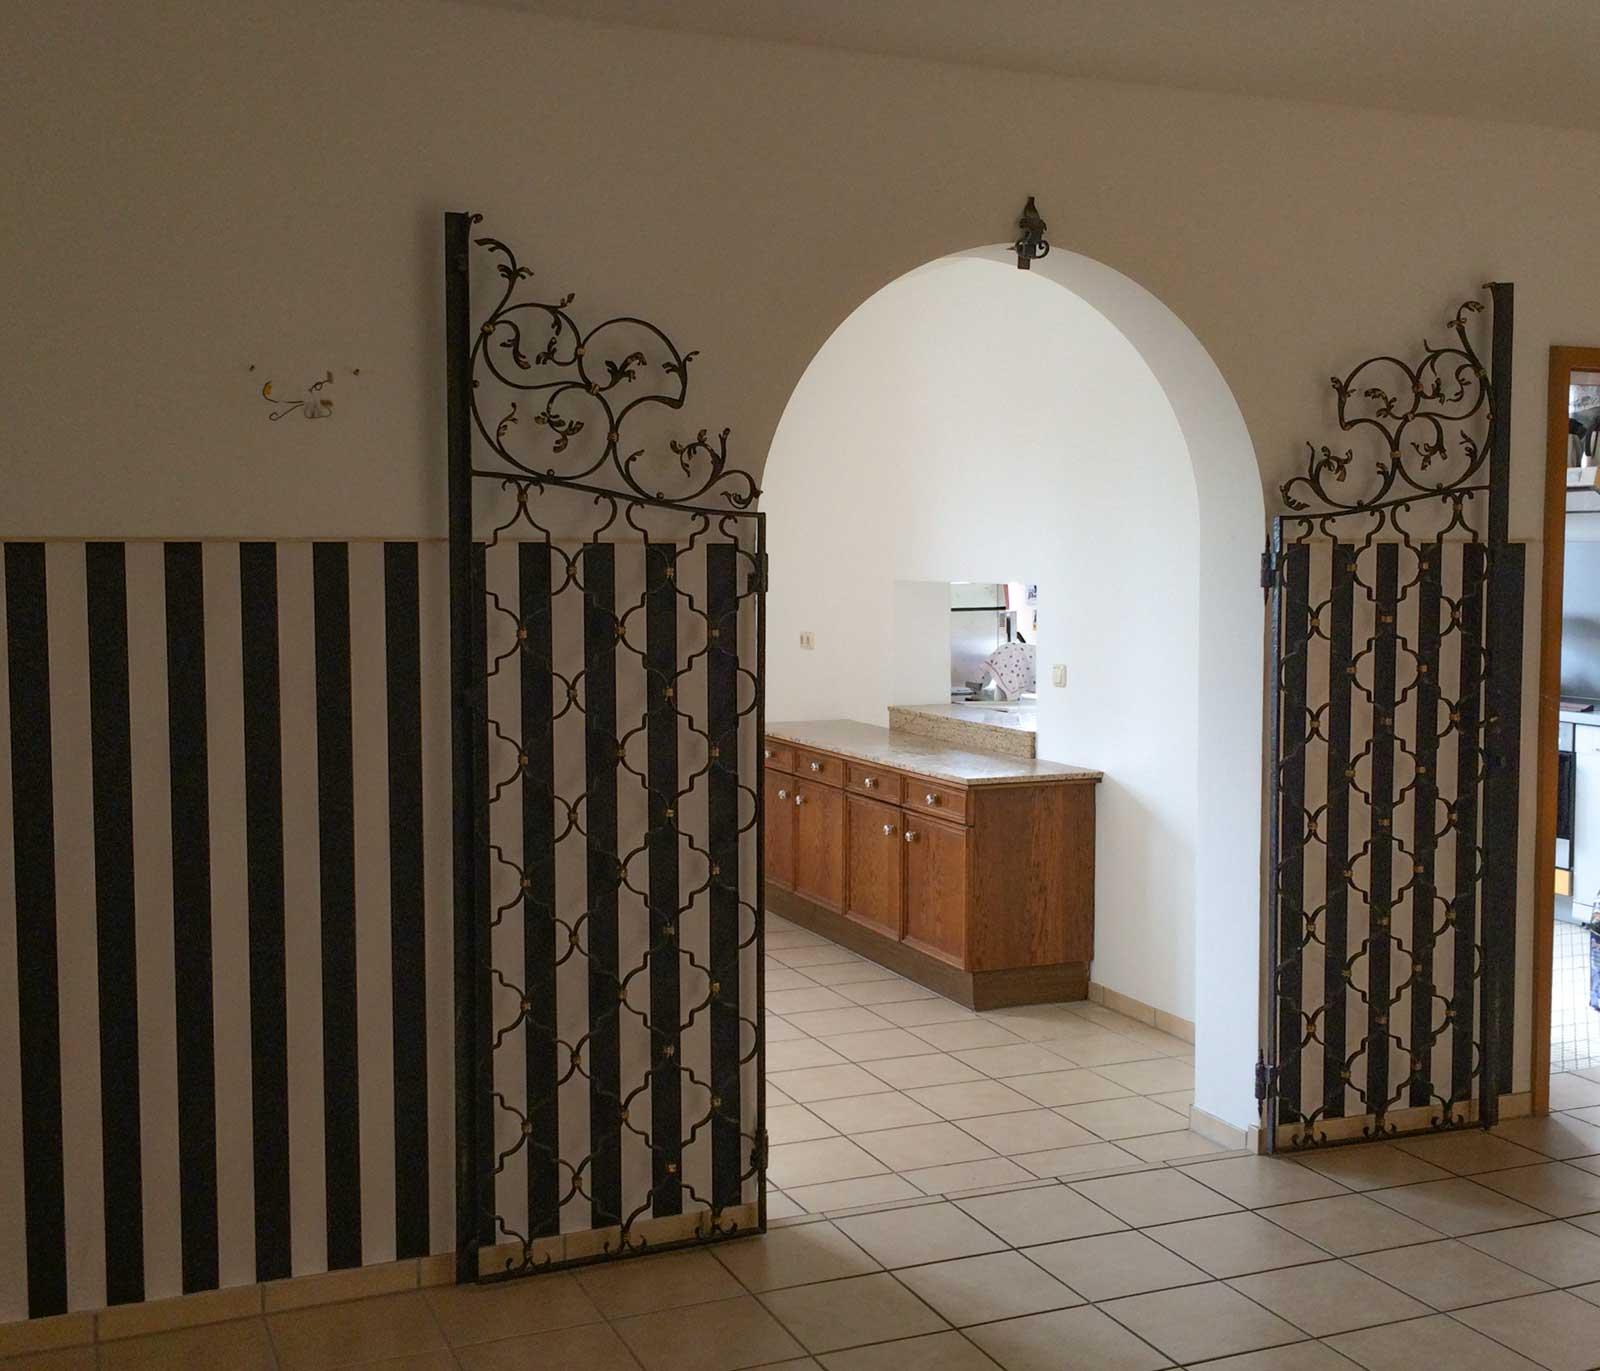 Empfangsbereich - Rezeption, Hotel Gut Schwaige in Ebenhausen